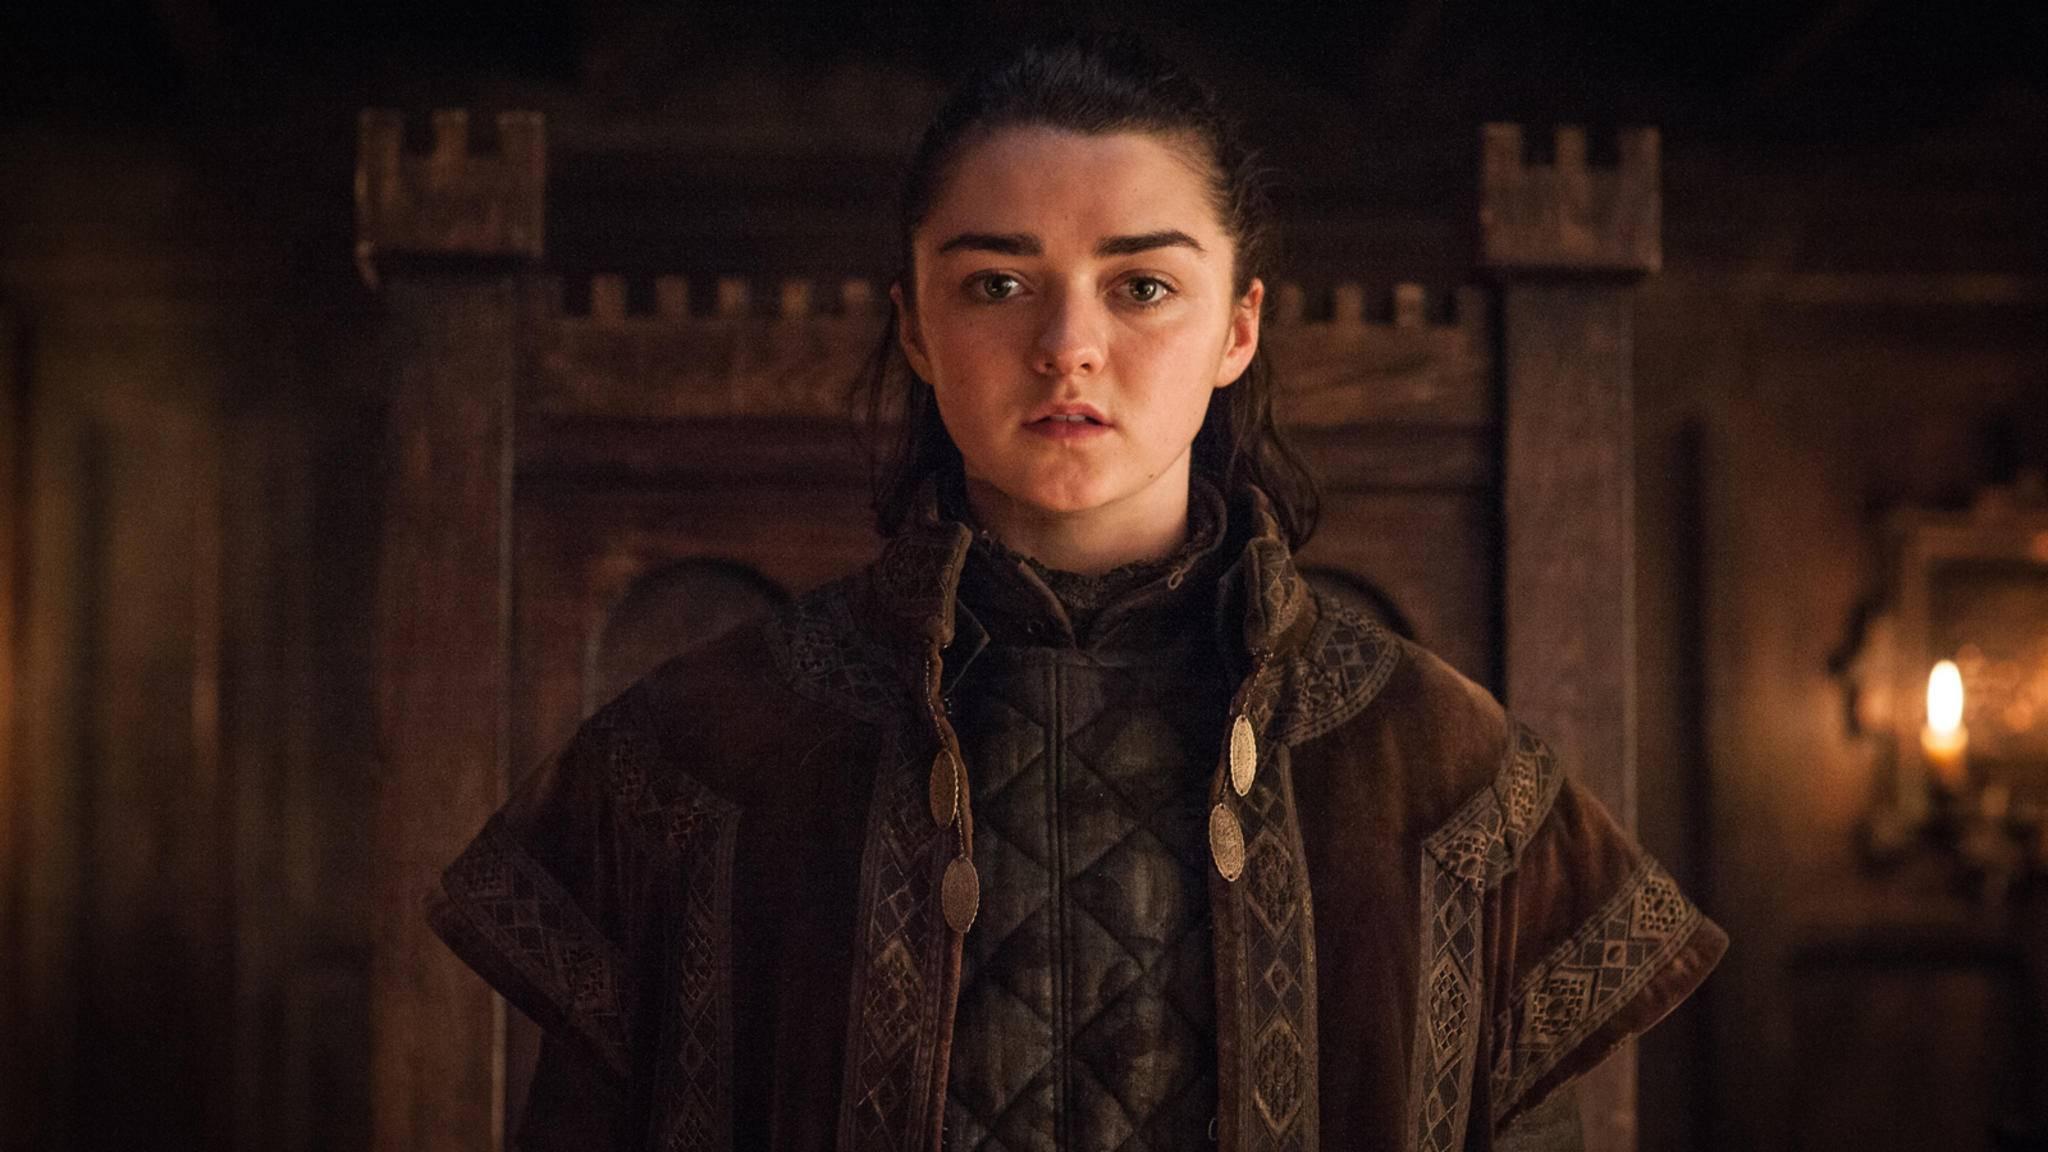 """Da entgleiten nicht nur Arya die Gesichtszüge: Das sechste """"Game of Thrones""""-Buch lässt noch länger als geplant auf sich warten."""